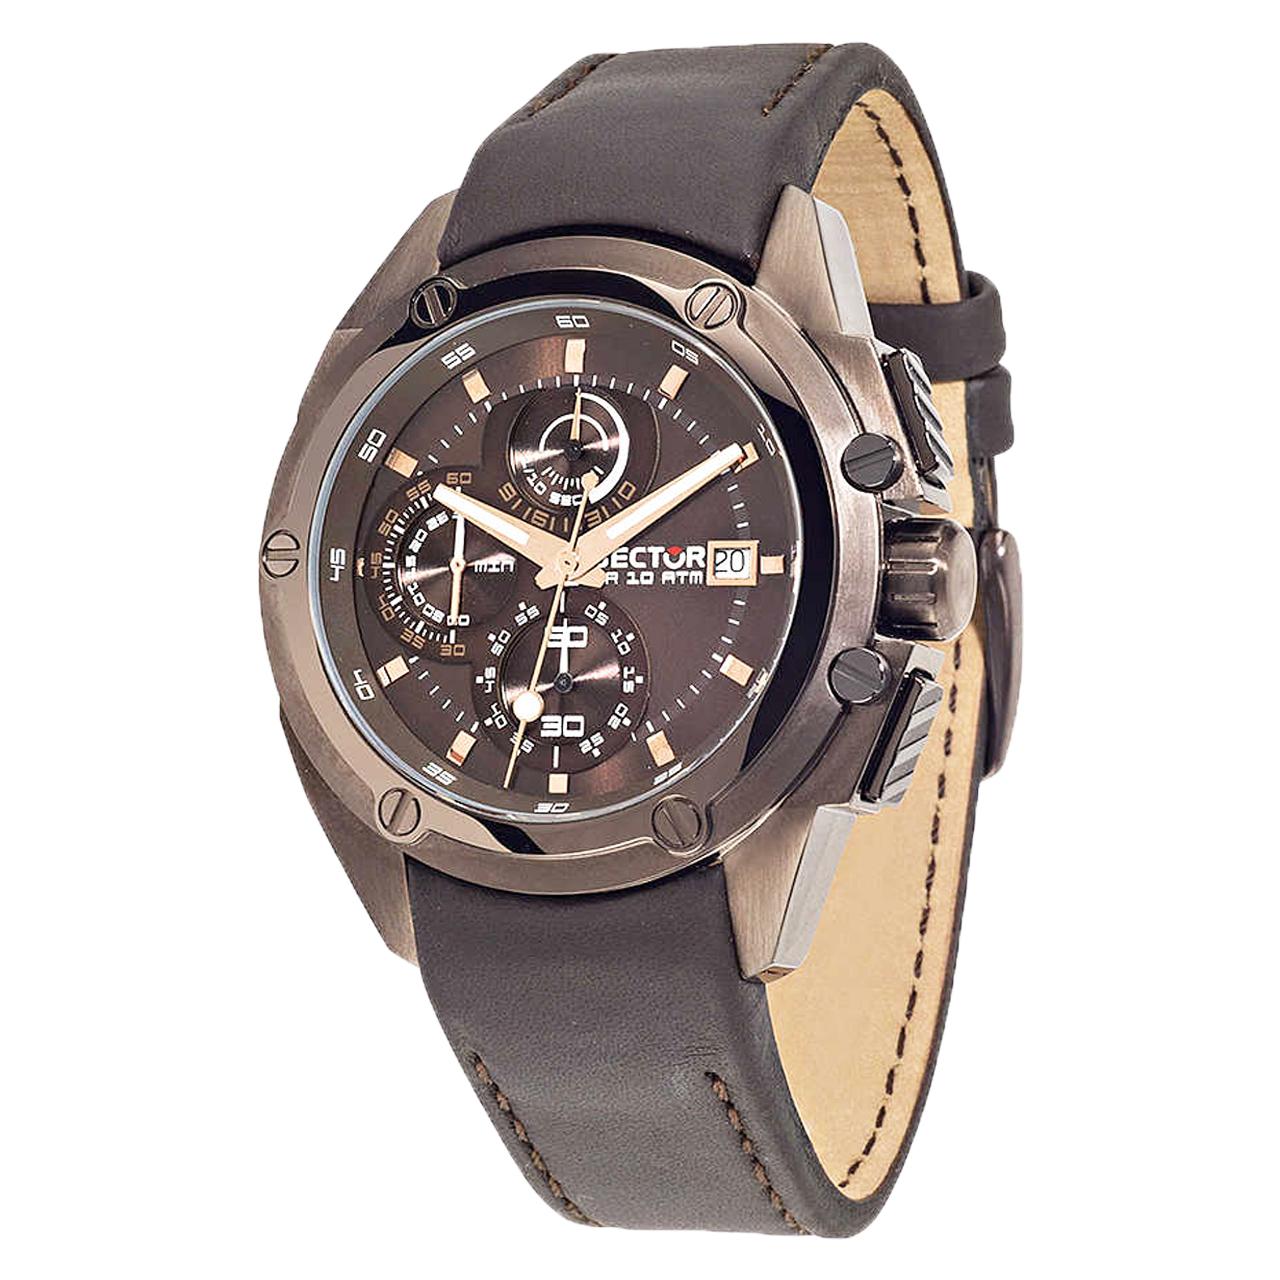 ساعت مچی عقربه ای مردانه سکتور مدل 3271981001